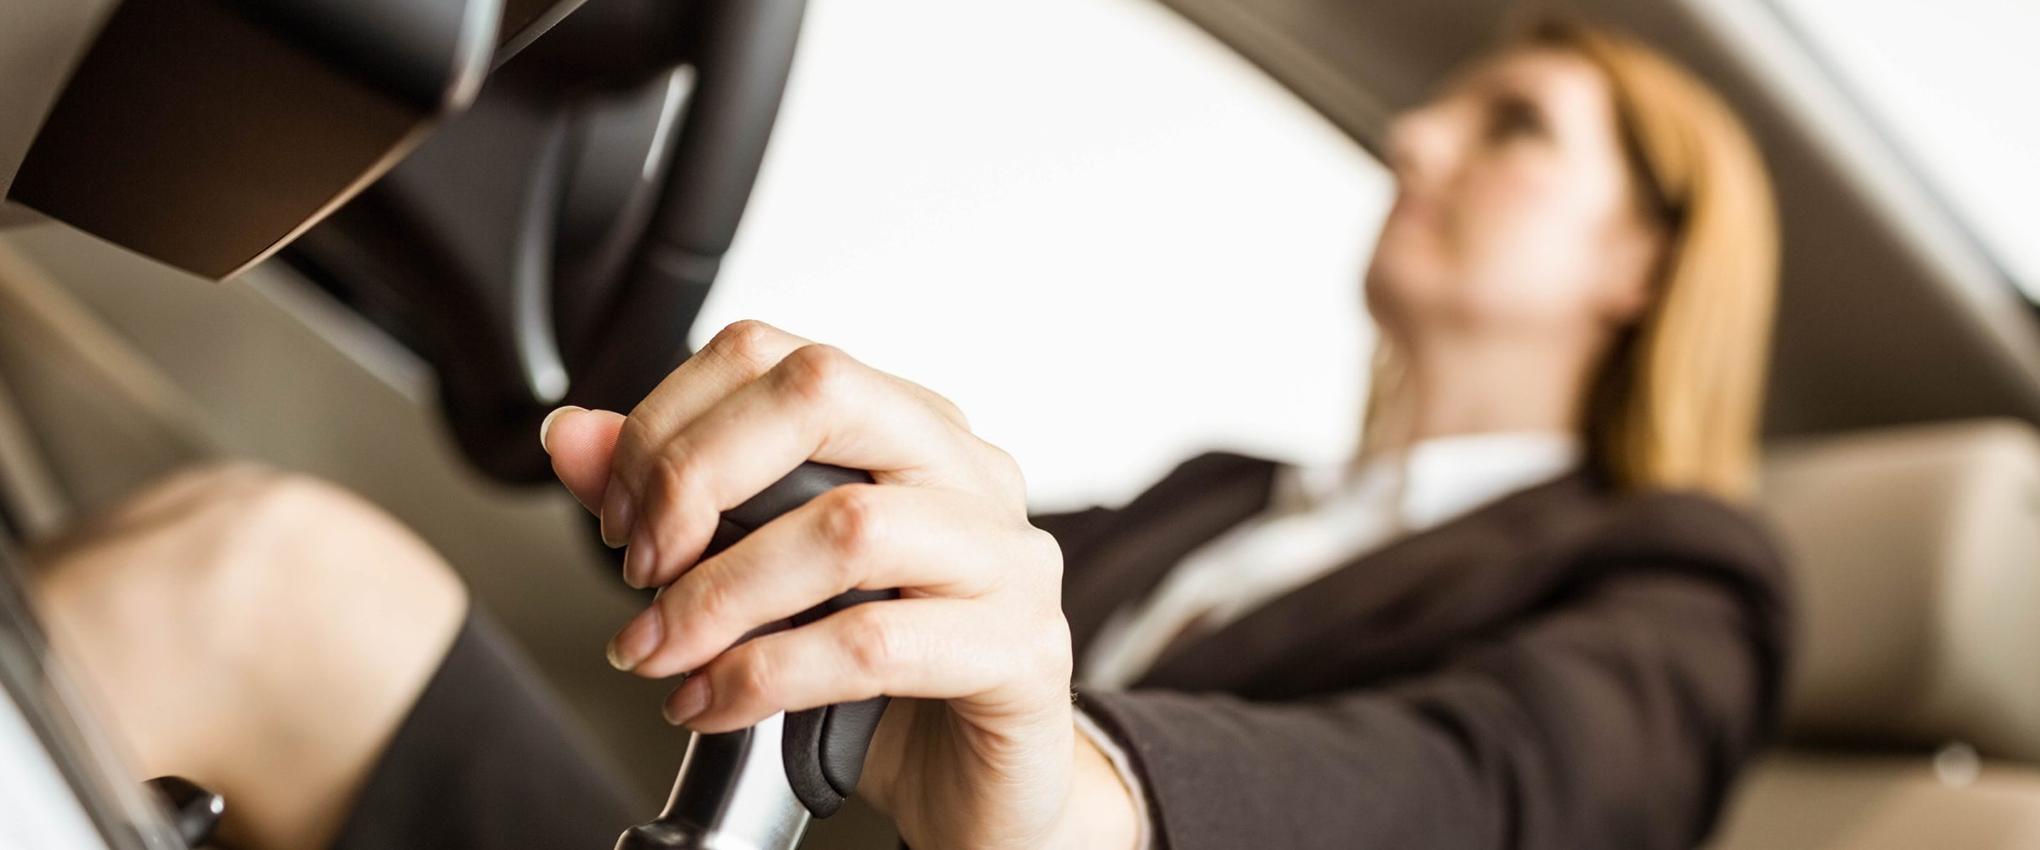 Participação dos consórcios nas vendas no mercado interno de veículos aumenta